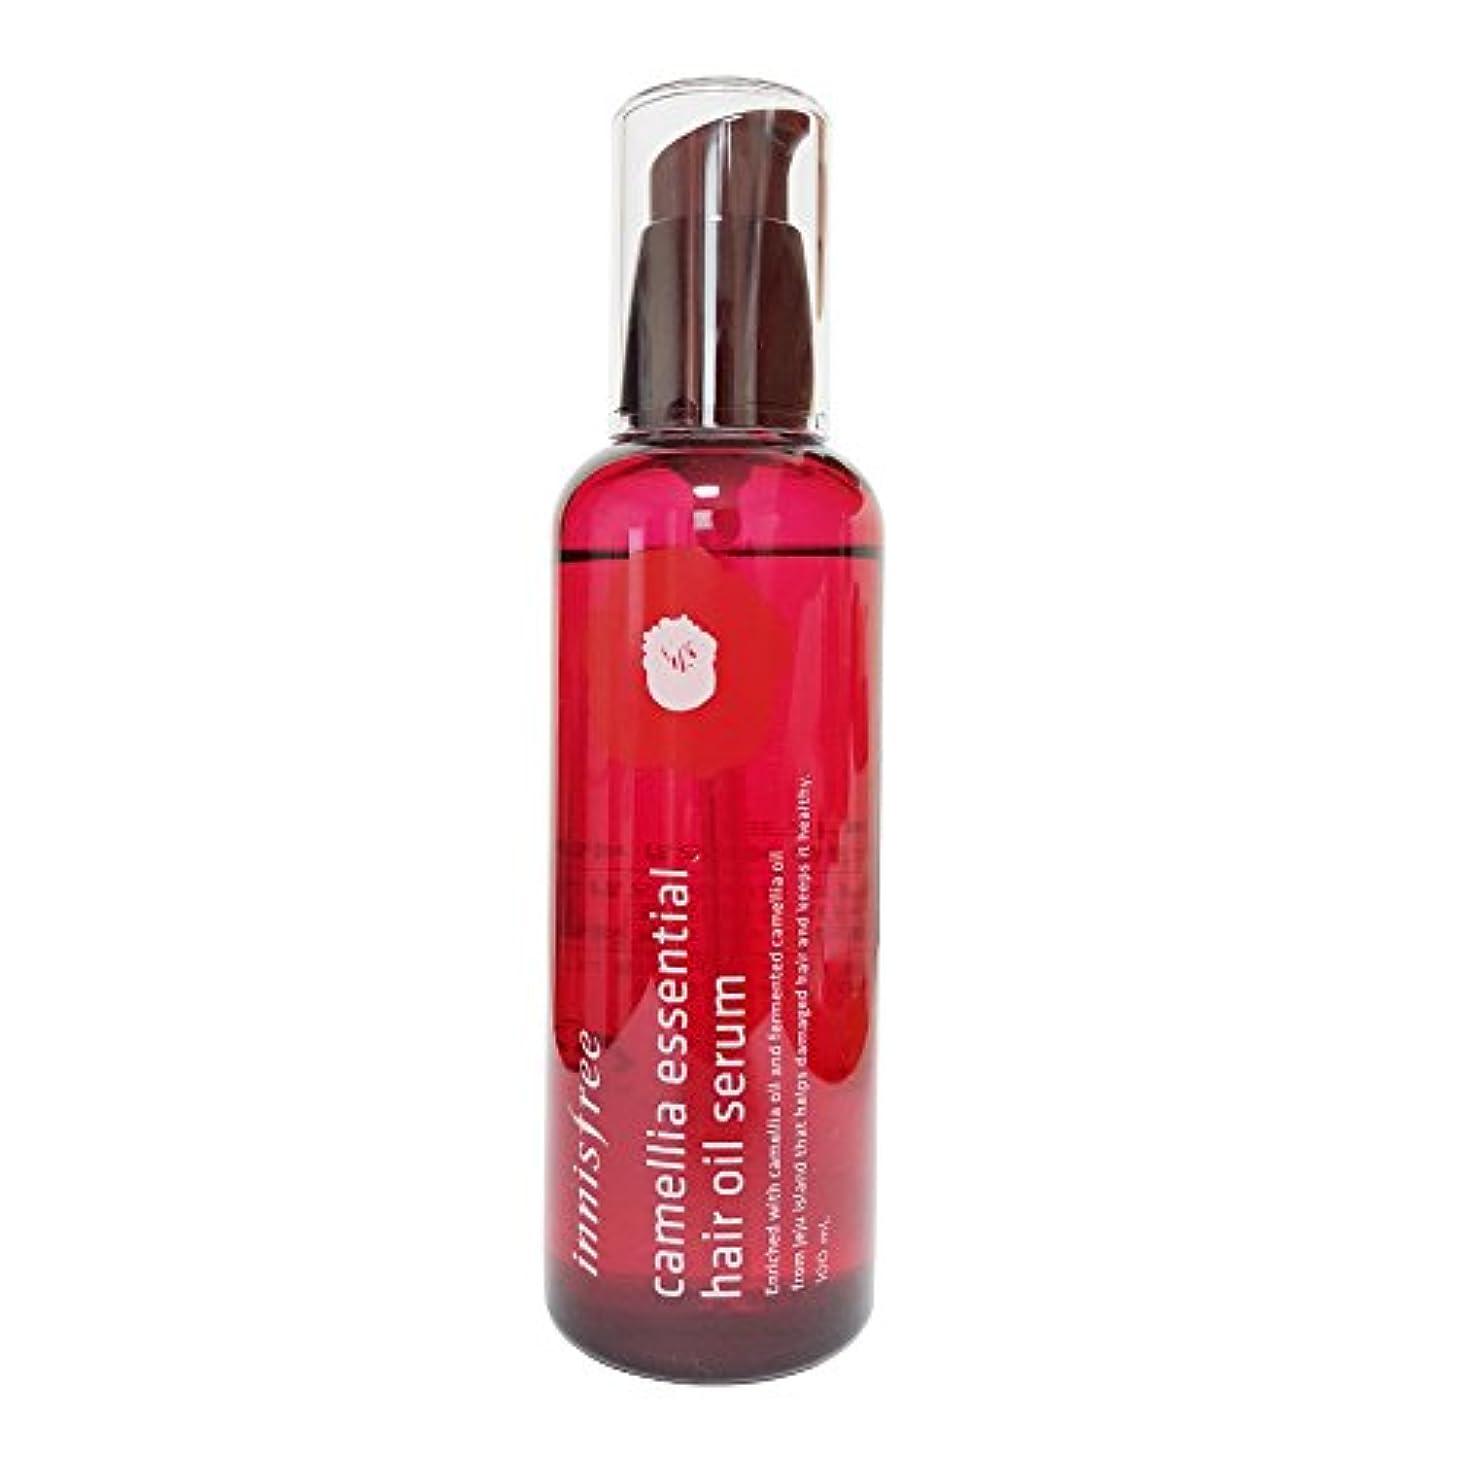 楽しませる六分儀遺産[イニスフリー] Innisfree カメリアエッセンシャル?ヘア?オイルセラム (100ml) Innisfree Camellia Essential Hair Oil Serum (100ml) [海外直送品]